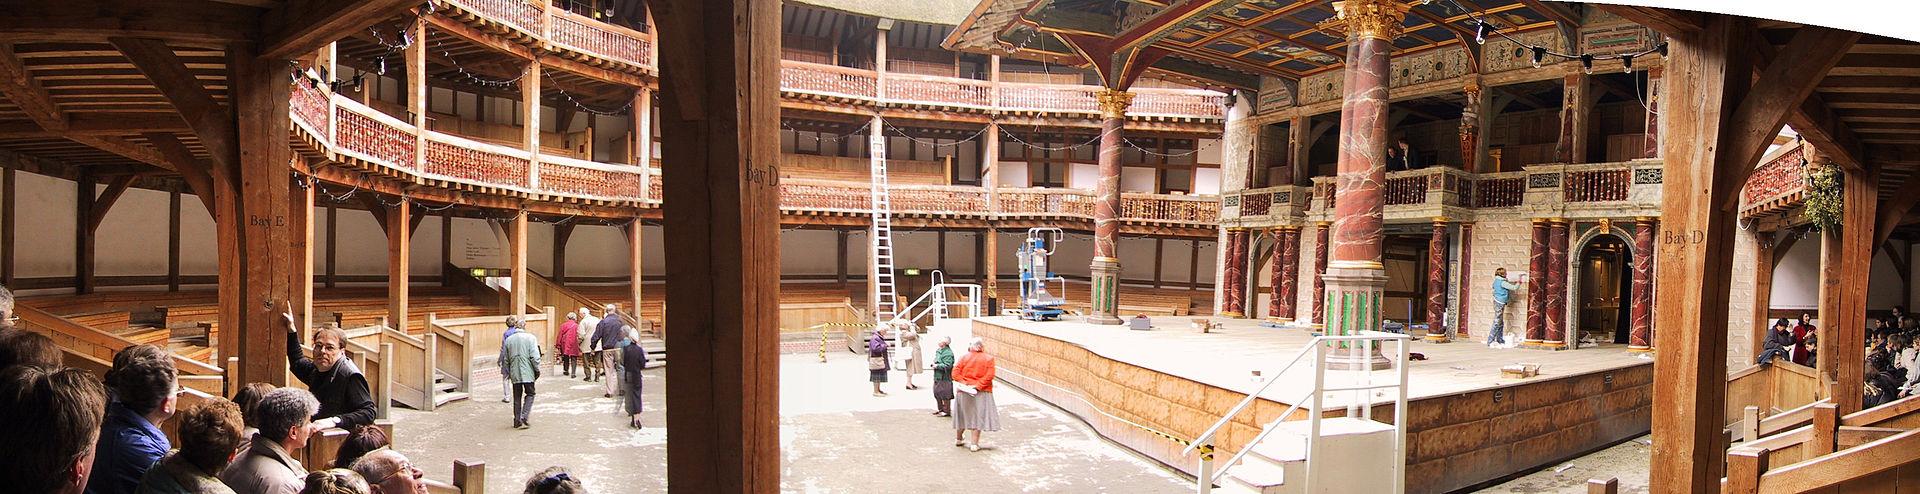 The_Globe_Theatre,_Panorama_Innenraum,_London